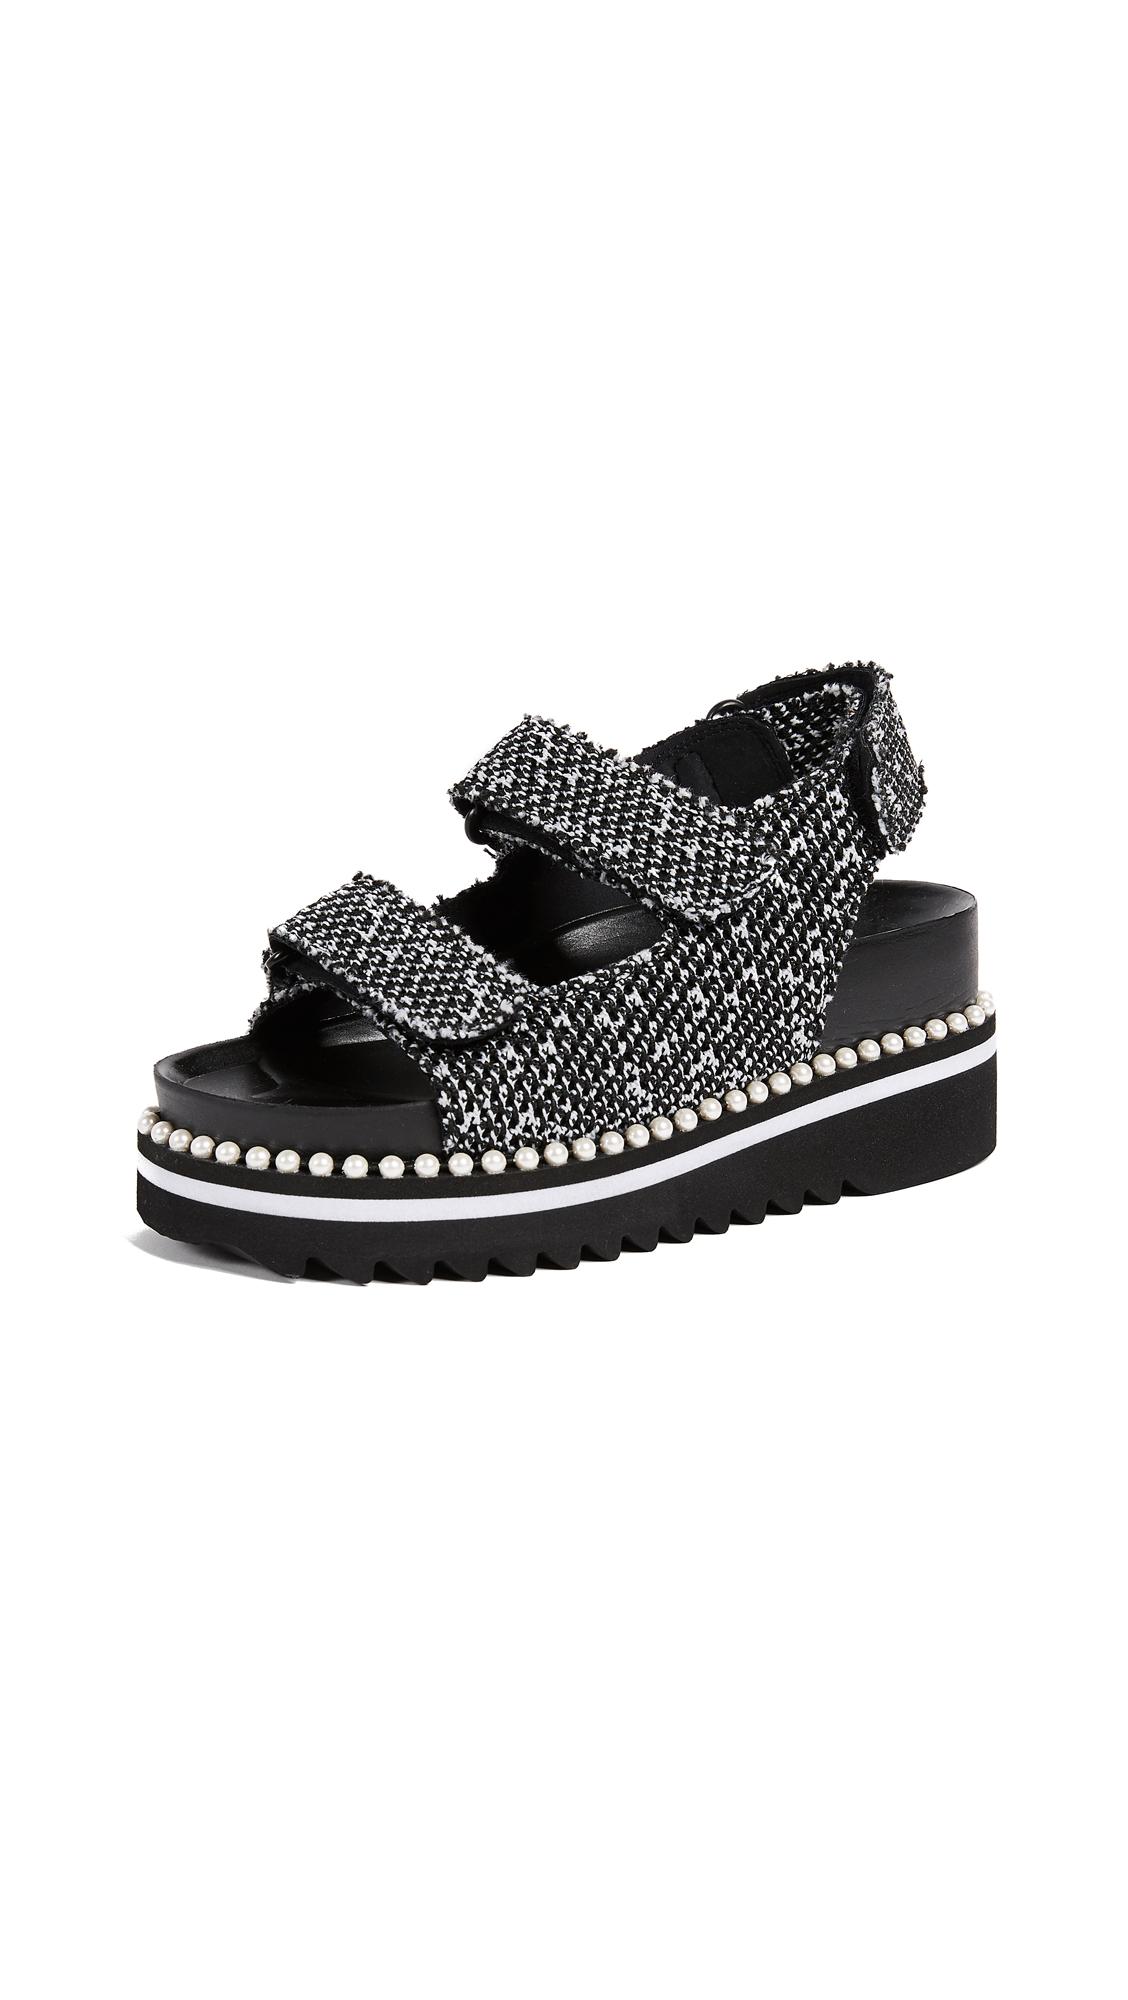 Suecomma Bonnie Back Strap Platform Sandals - Black/Multi